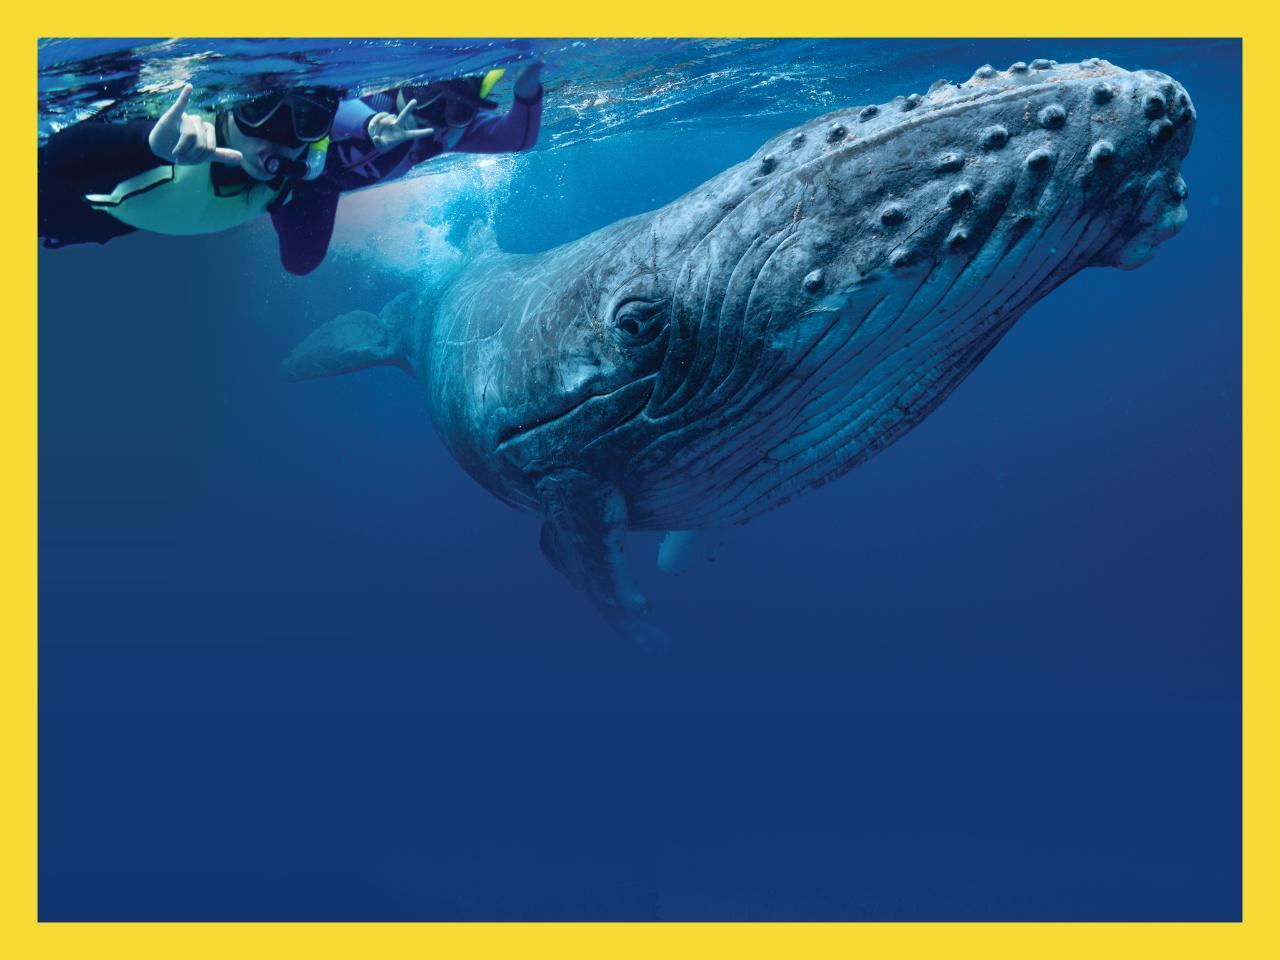 Whale Swim & Watch